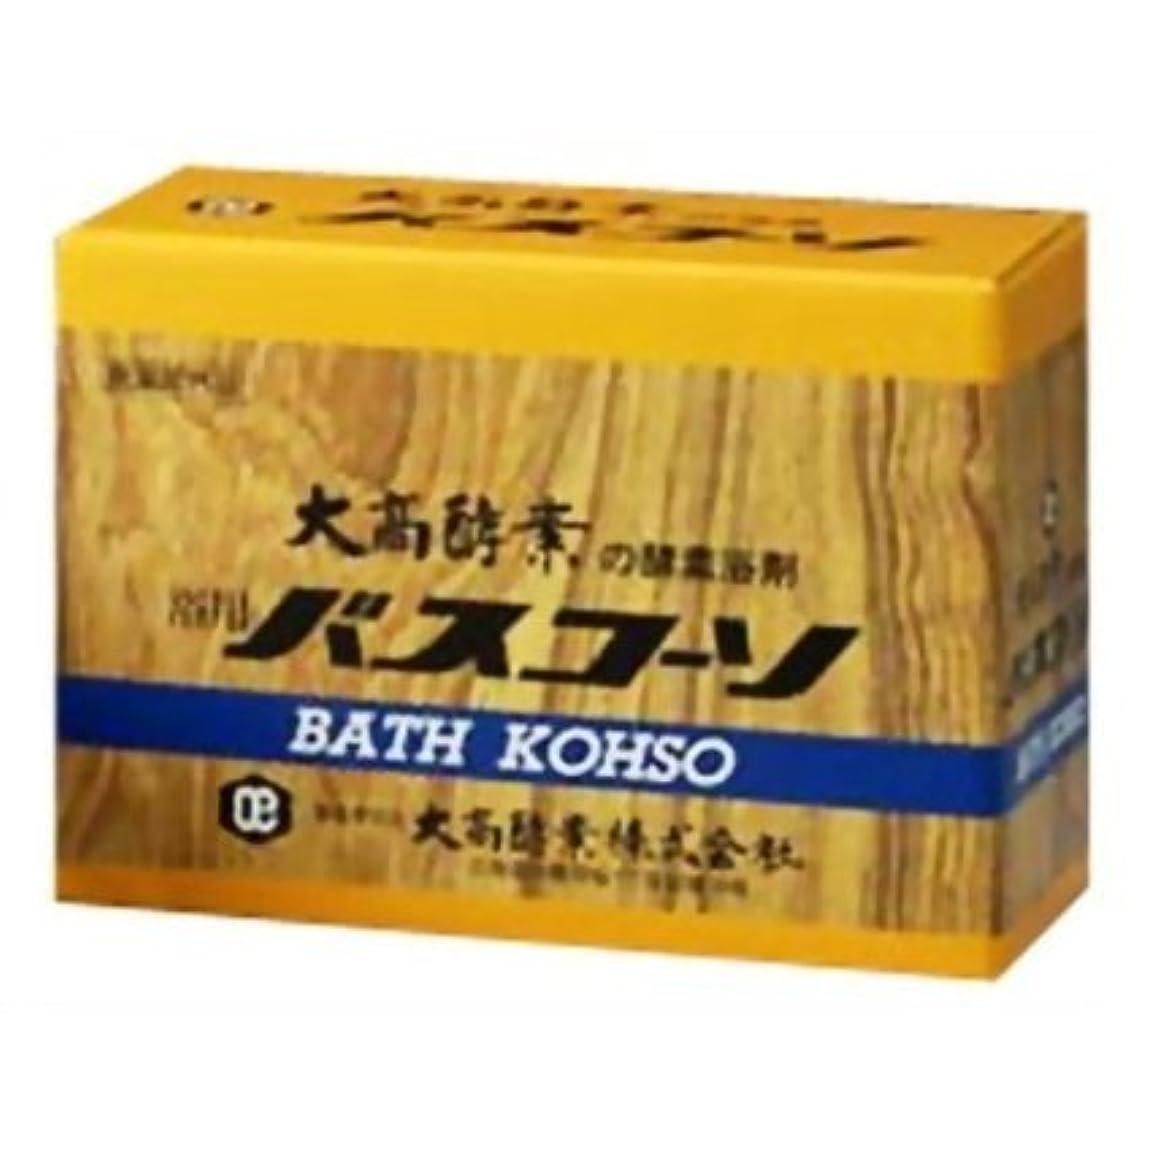 器官心理的保護大高酵素 浴用バスコーソ 100gx6 【4個セット】